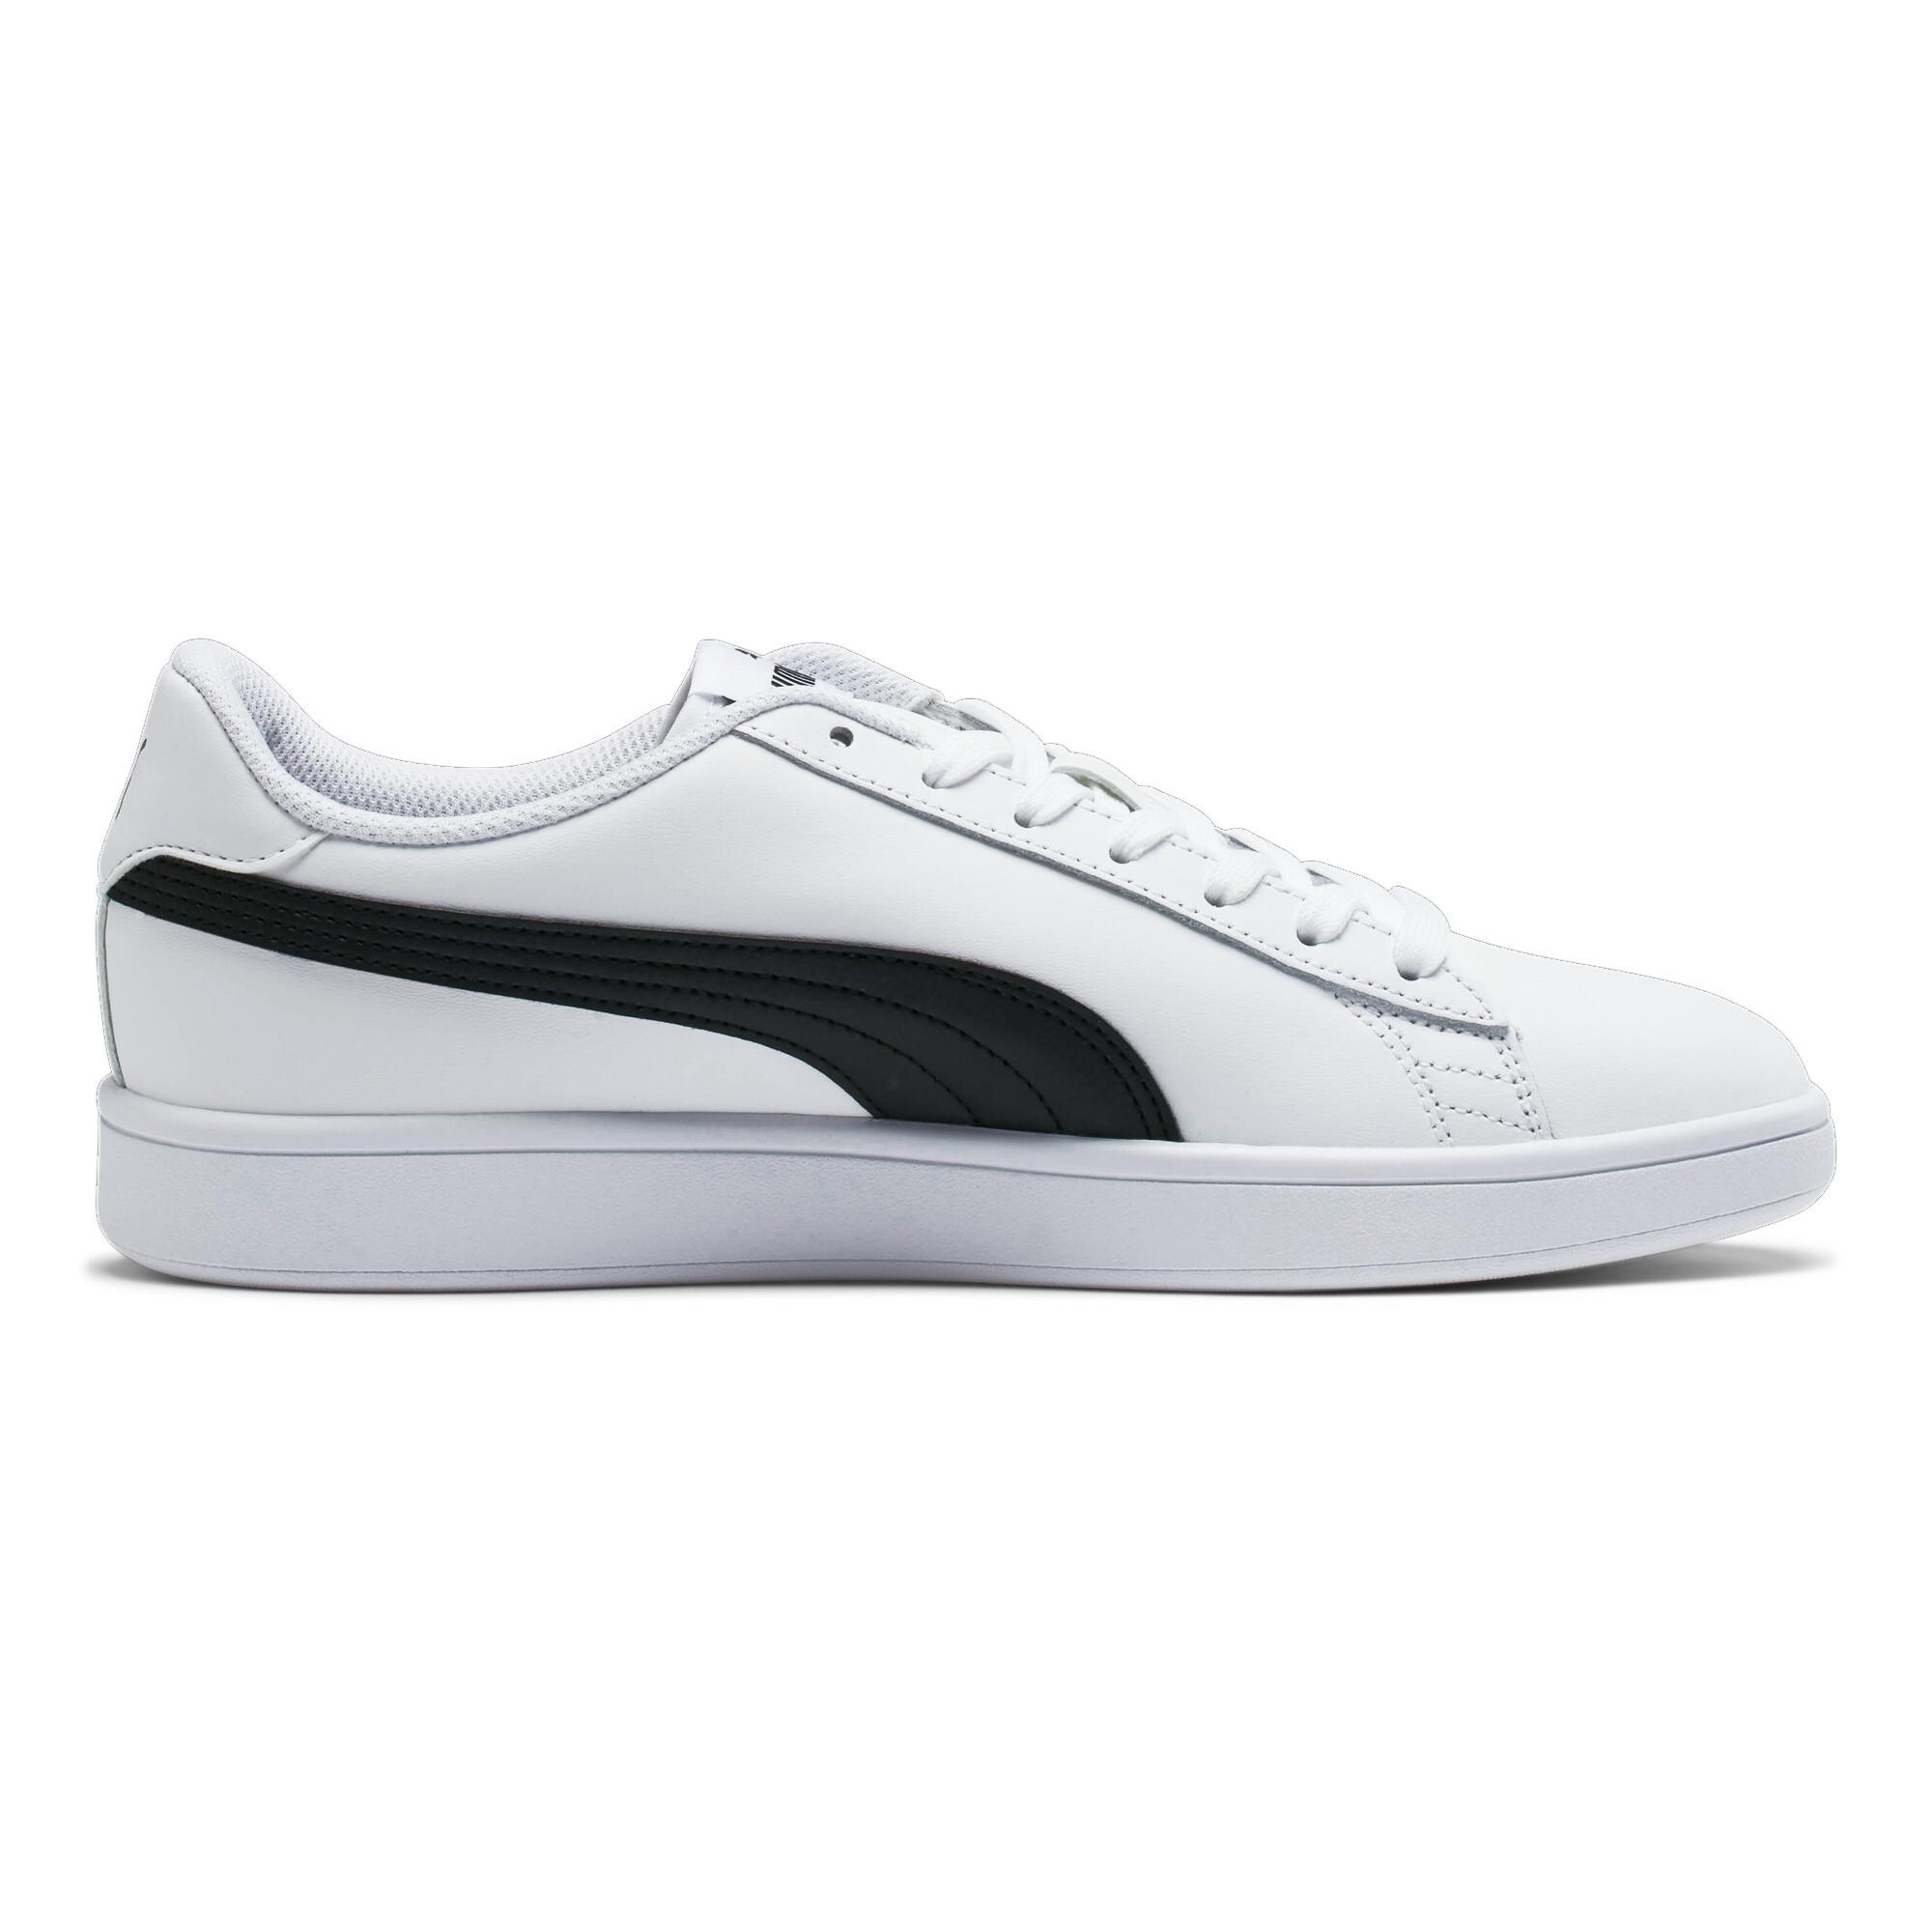 PUMA-PUMA-Smash-v2-Men-039-s-Sneakers-Men-Shoe-Basics thumbnail 21